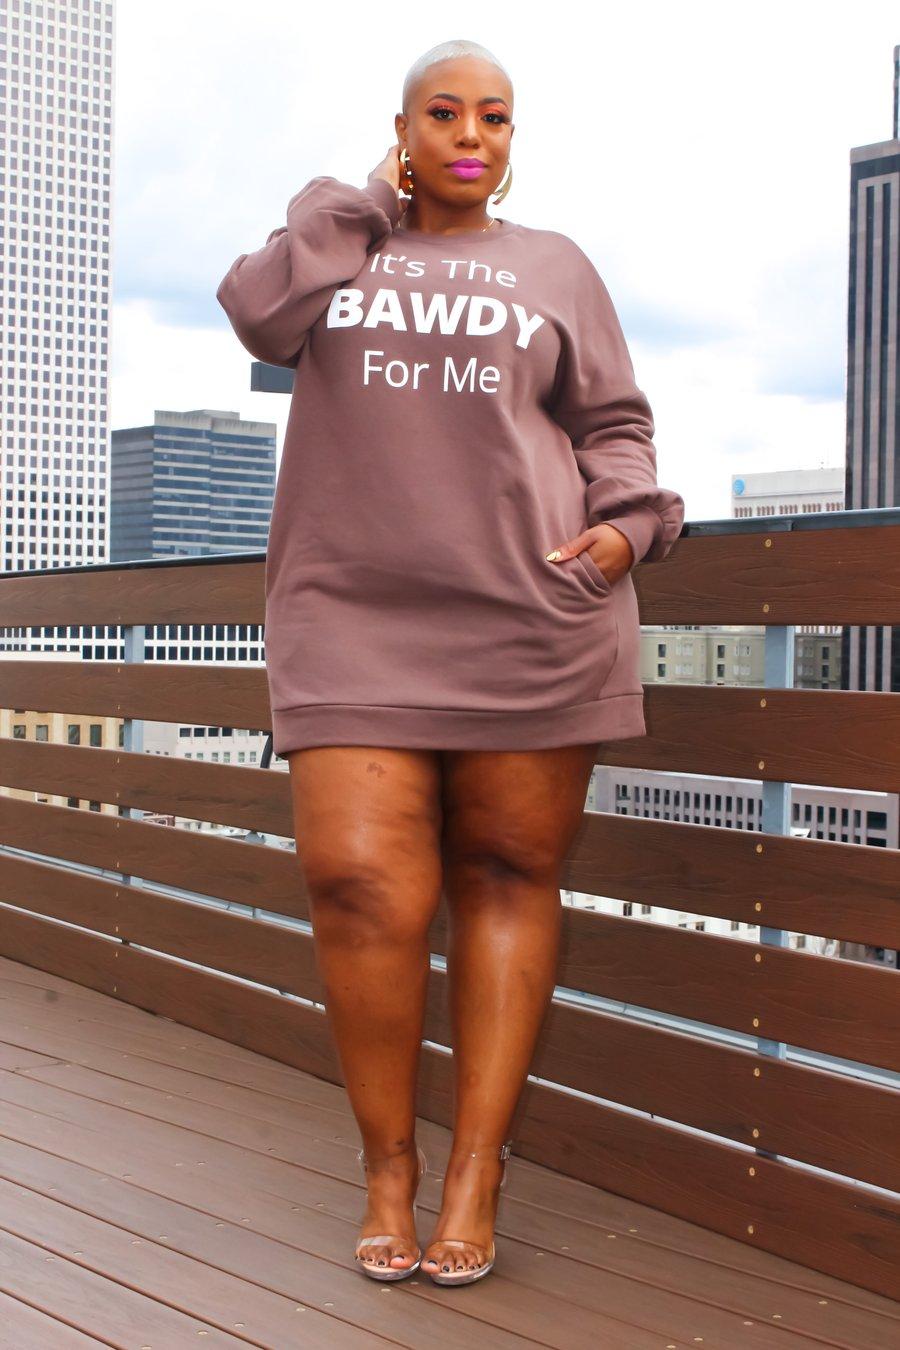 Image of Bawdy Oversized Sweatshirt